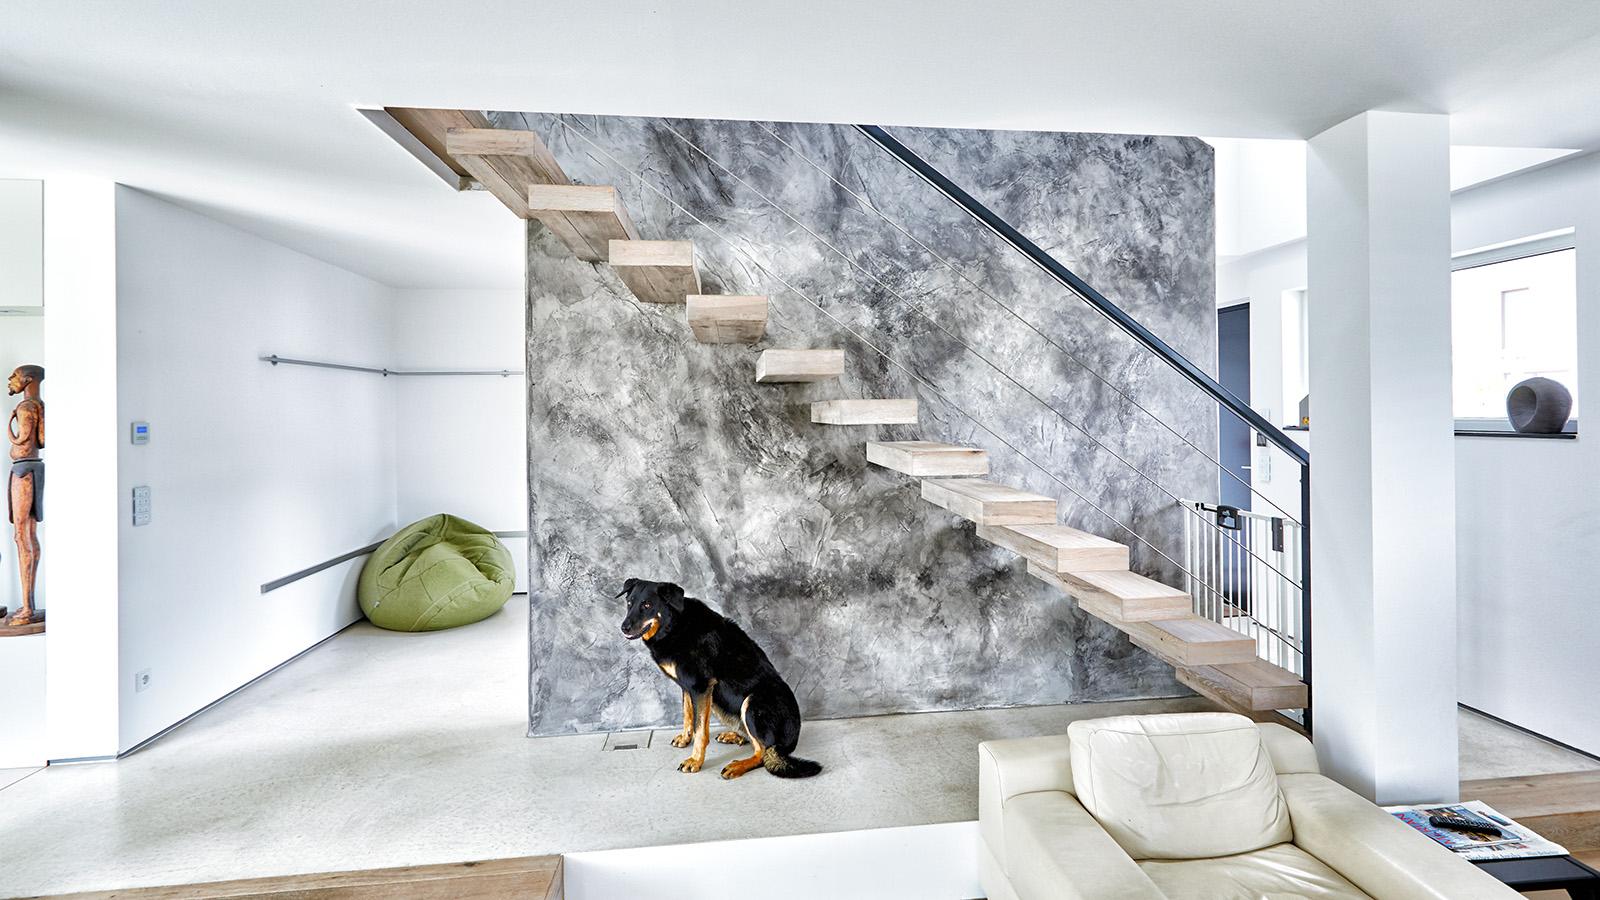 kreative wand und fl chengestaltung von frank komosz in frankfurt. Black Bedroom Furniture Sets. Home Design Ideas